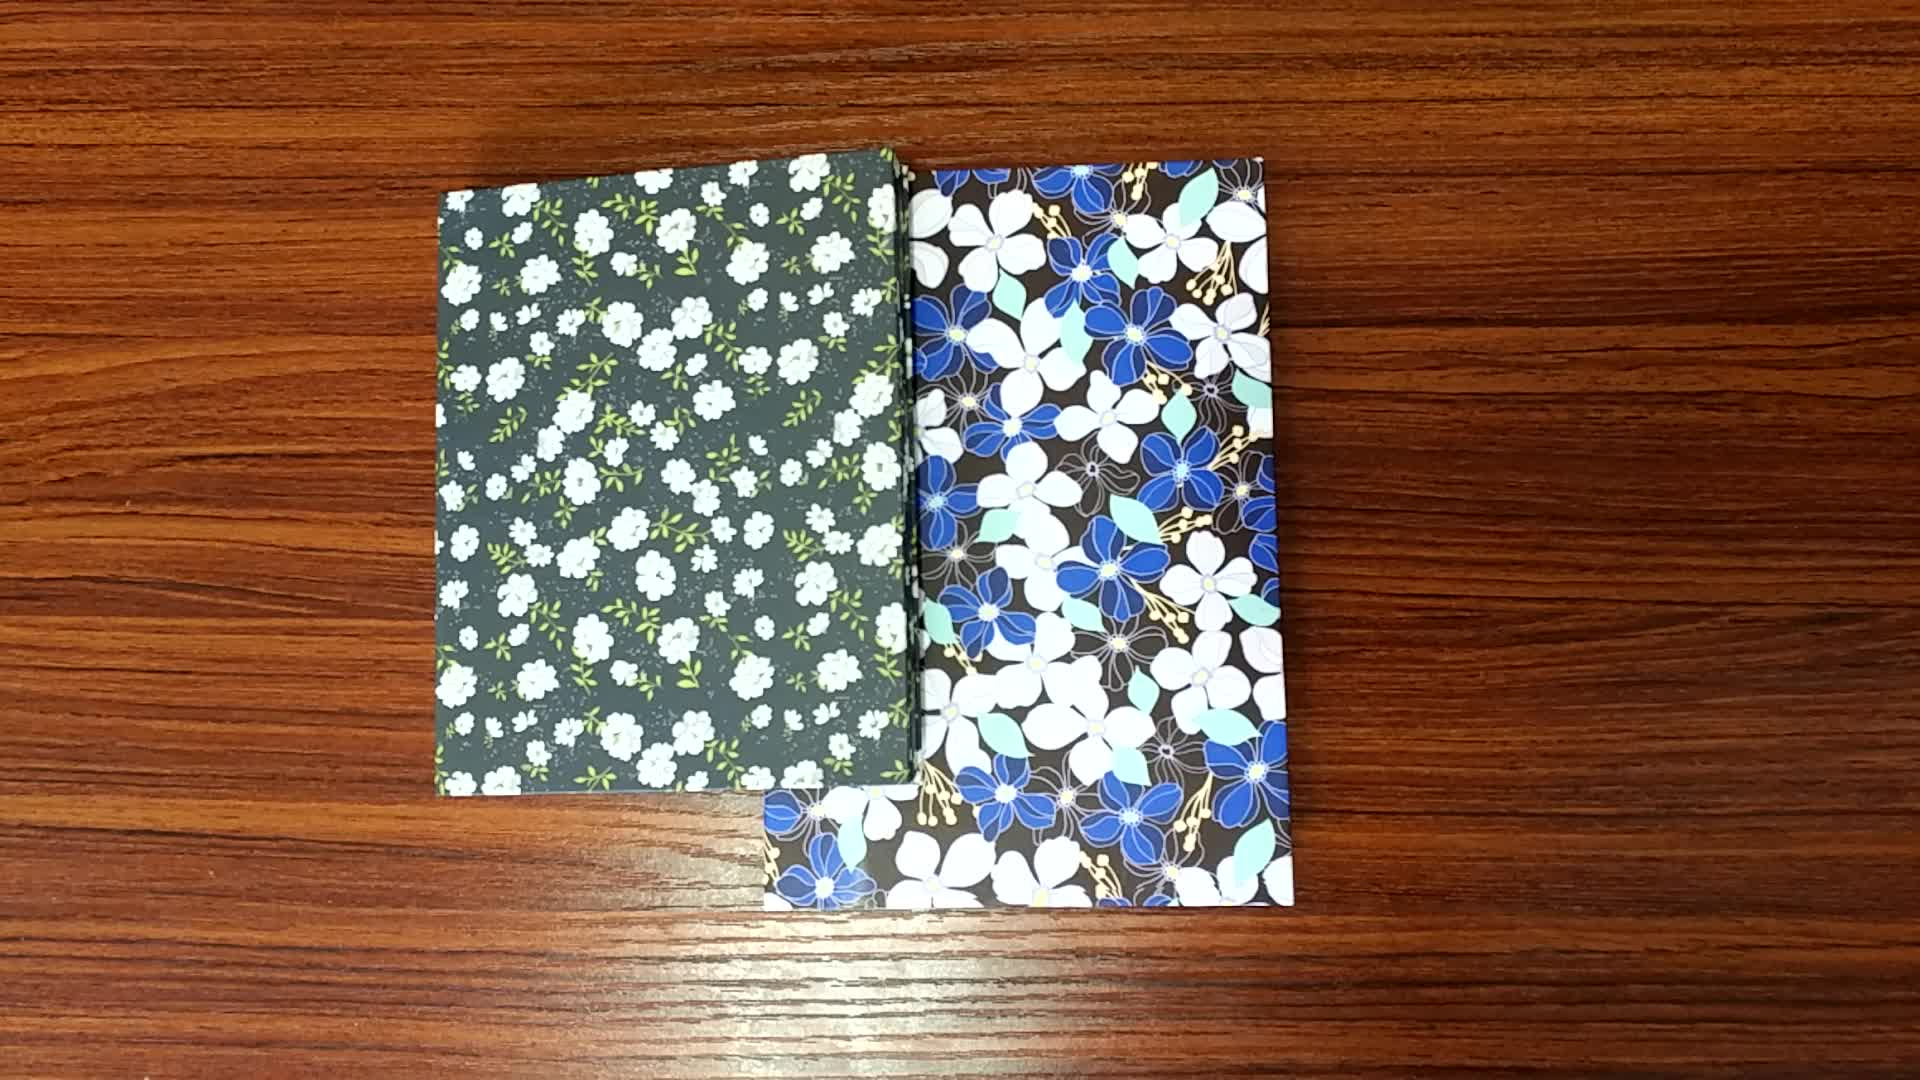 लक्जरी बहुरंगा कागज आंखों के छायाएं श्रृंगार पैलेट पैकेजिंग बॉक्स के साथ चुंबकीय